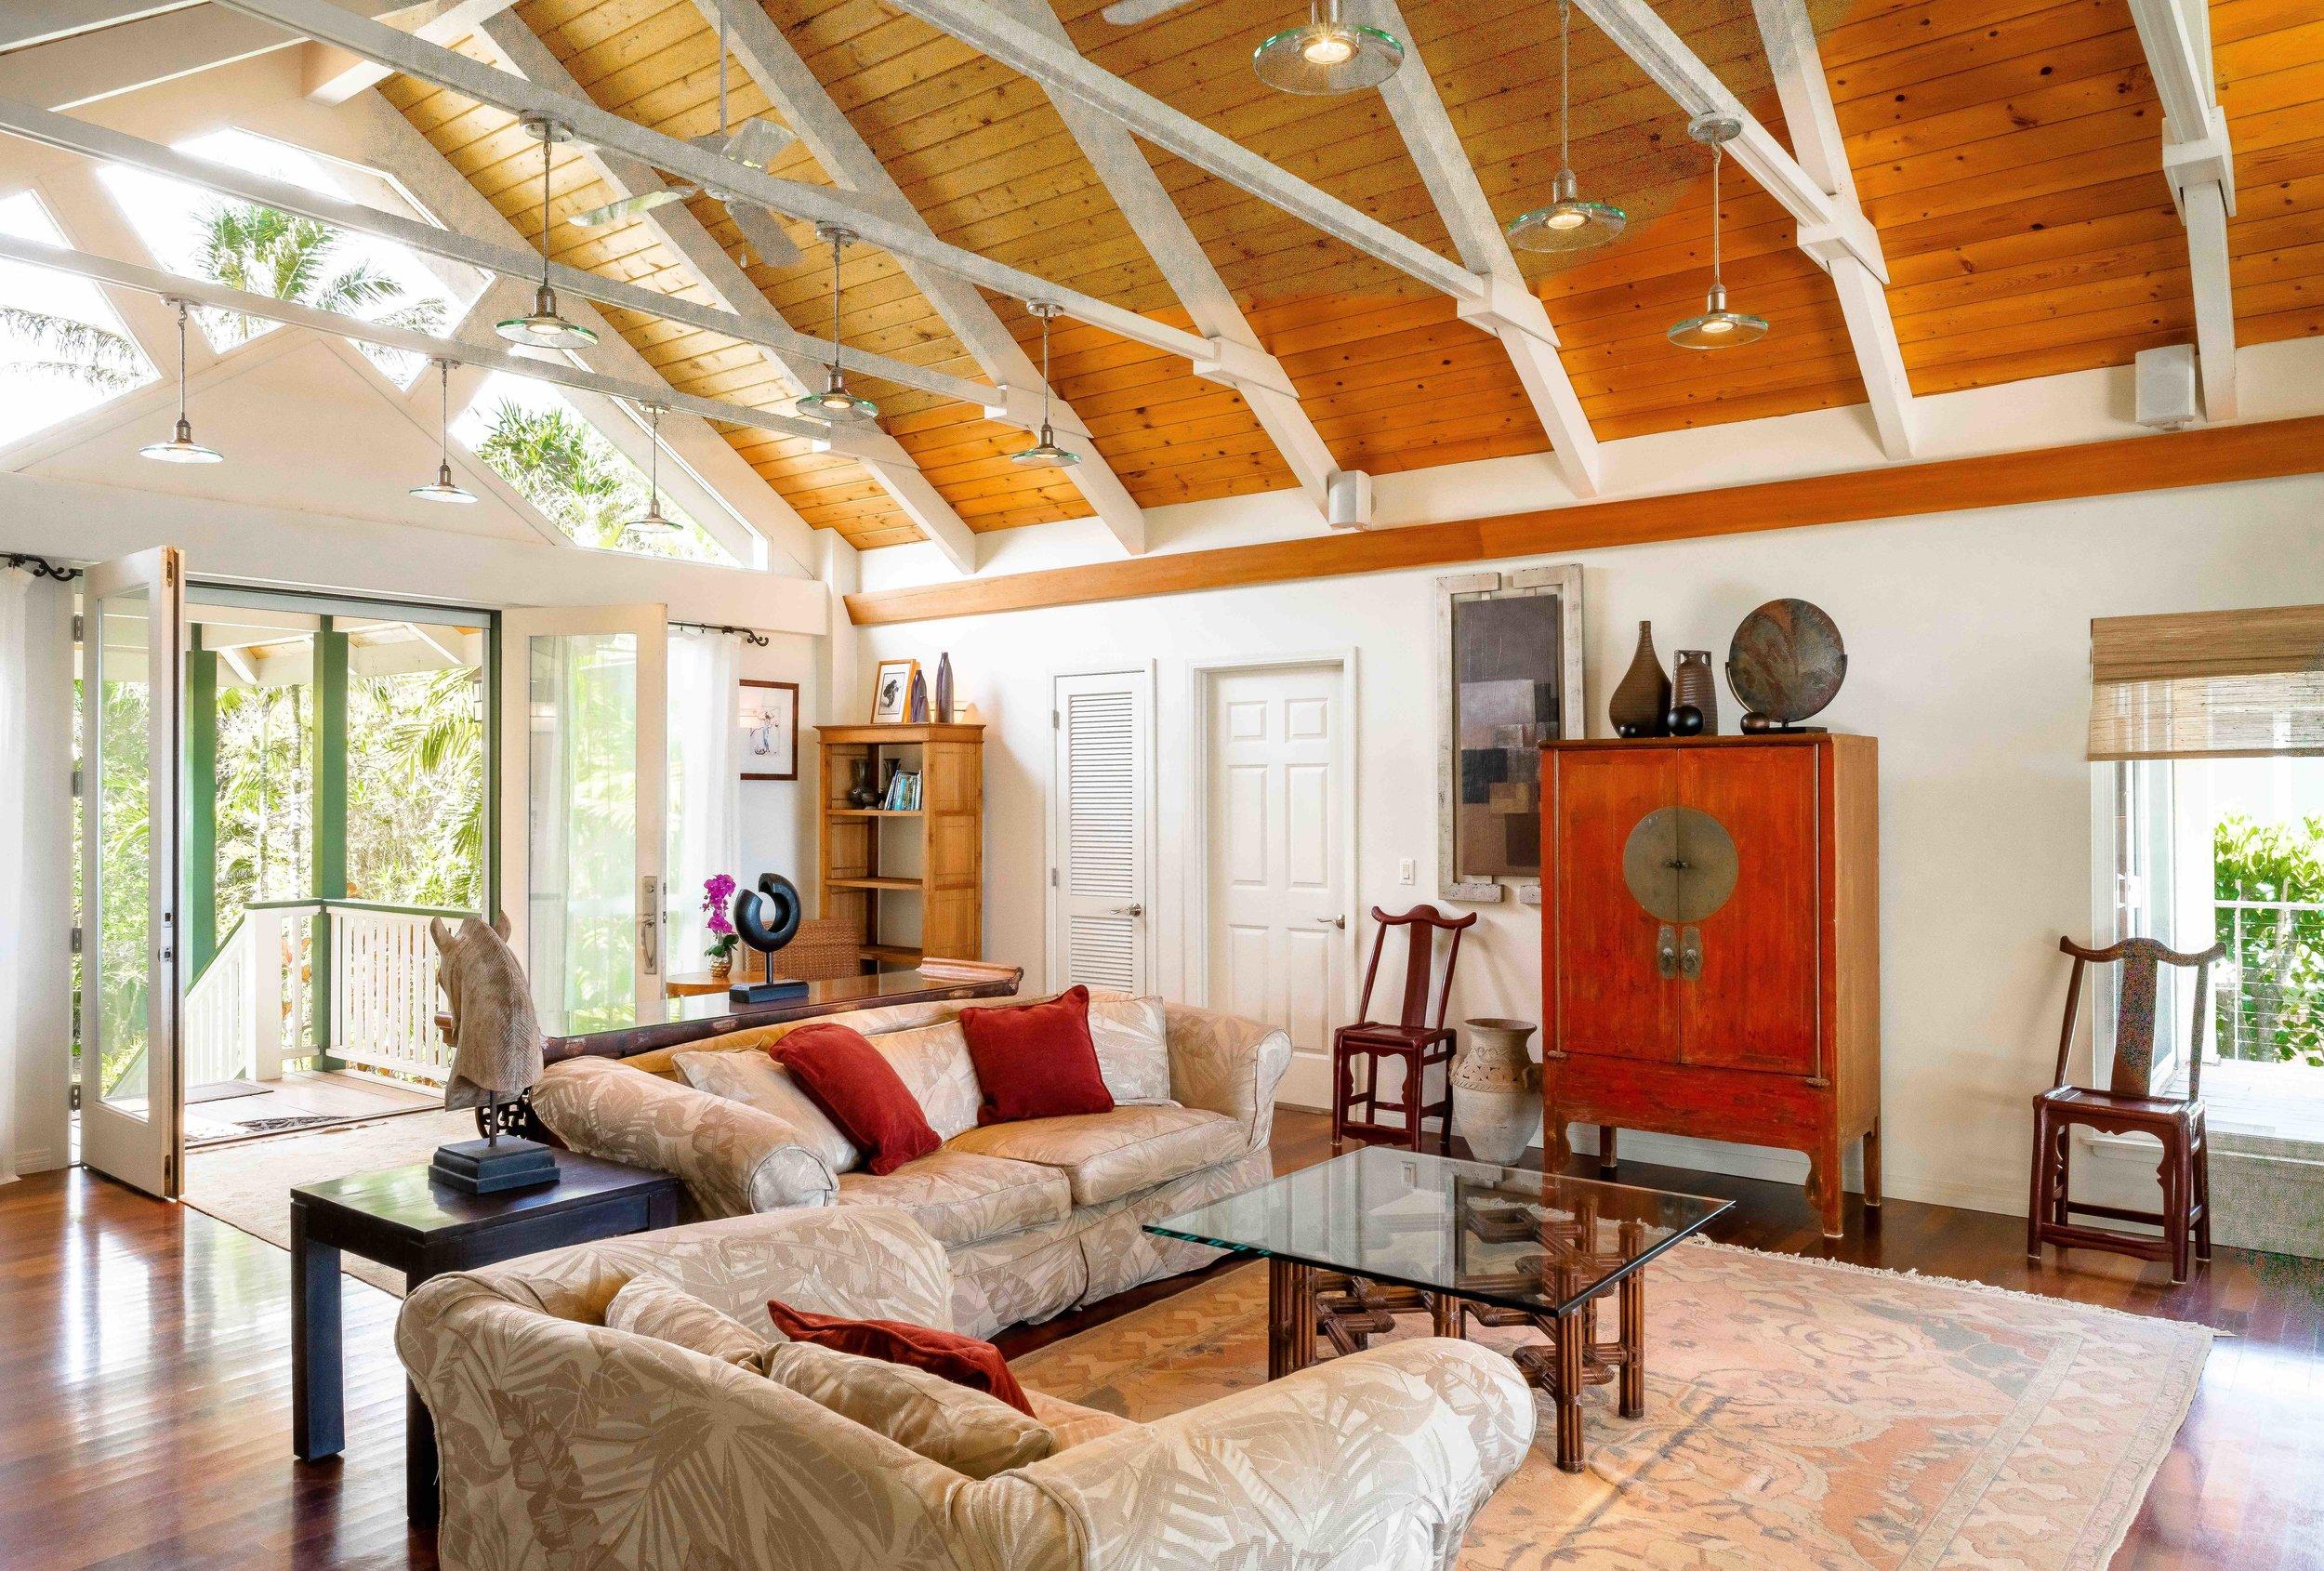 Rental Property Kauai